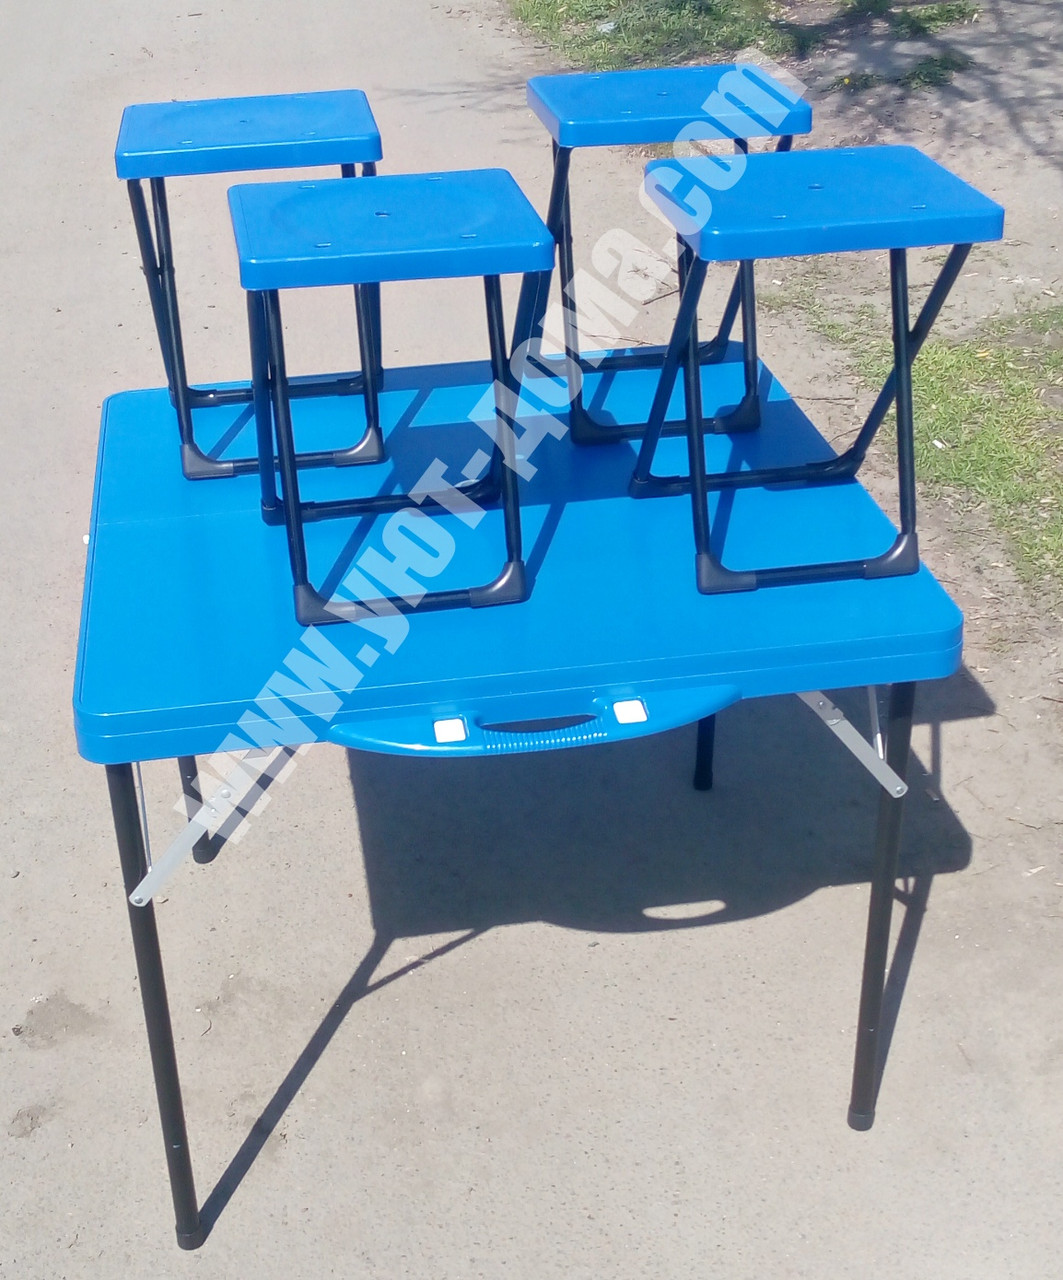 Пластиковый раскладной стол для пикника + 4 стула